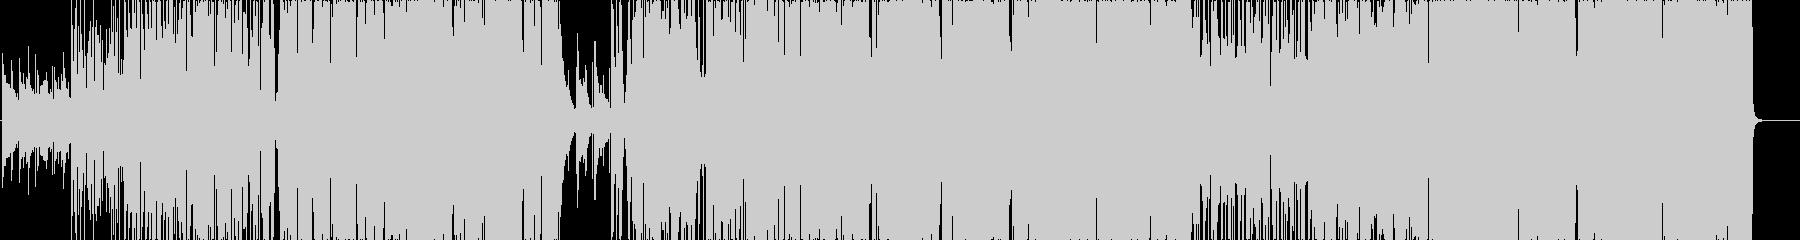 超絶技巧ボーカルのオシャレなR&Bの未再生の波形